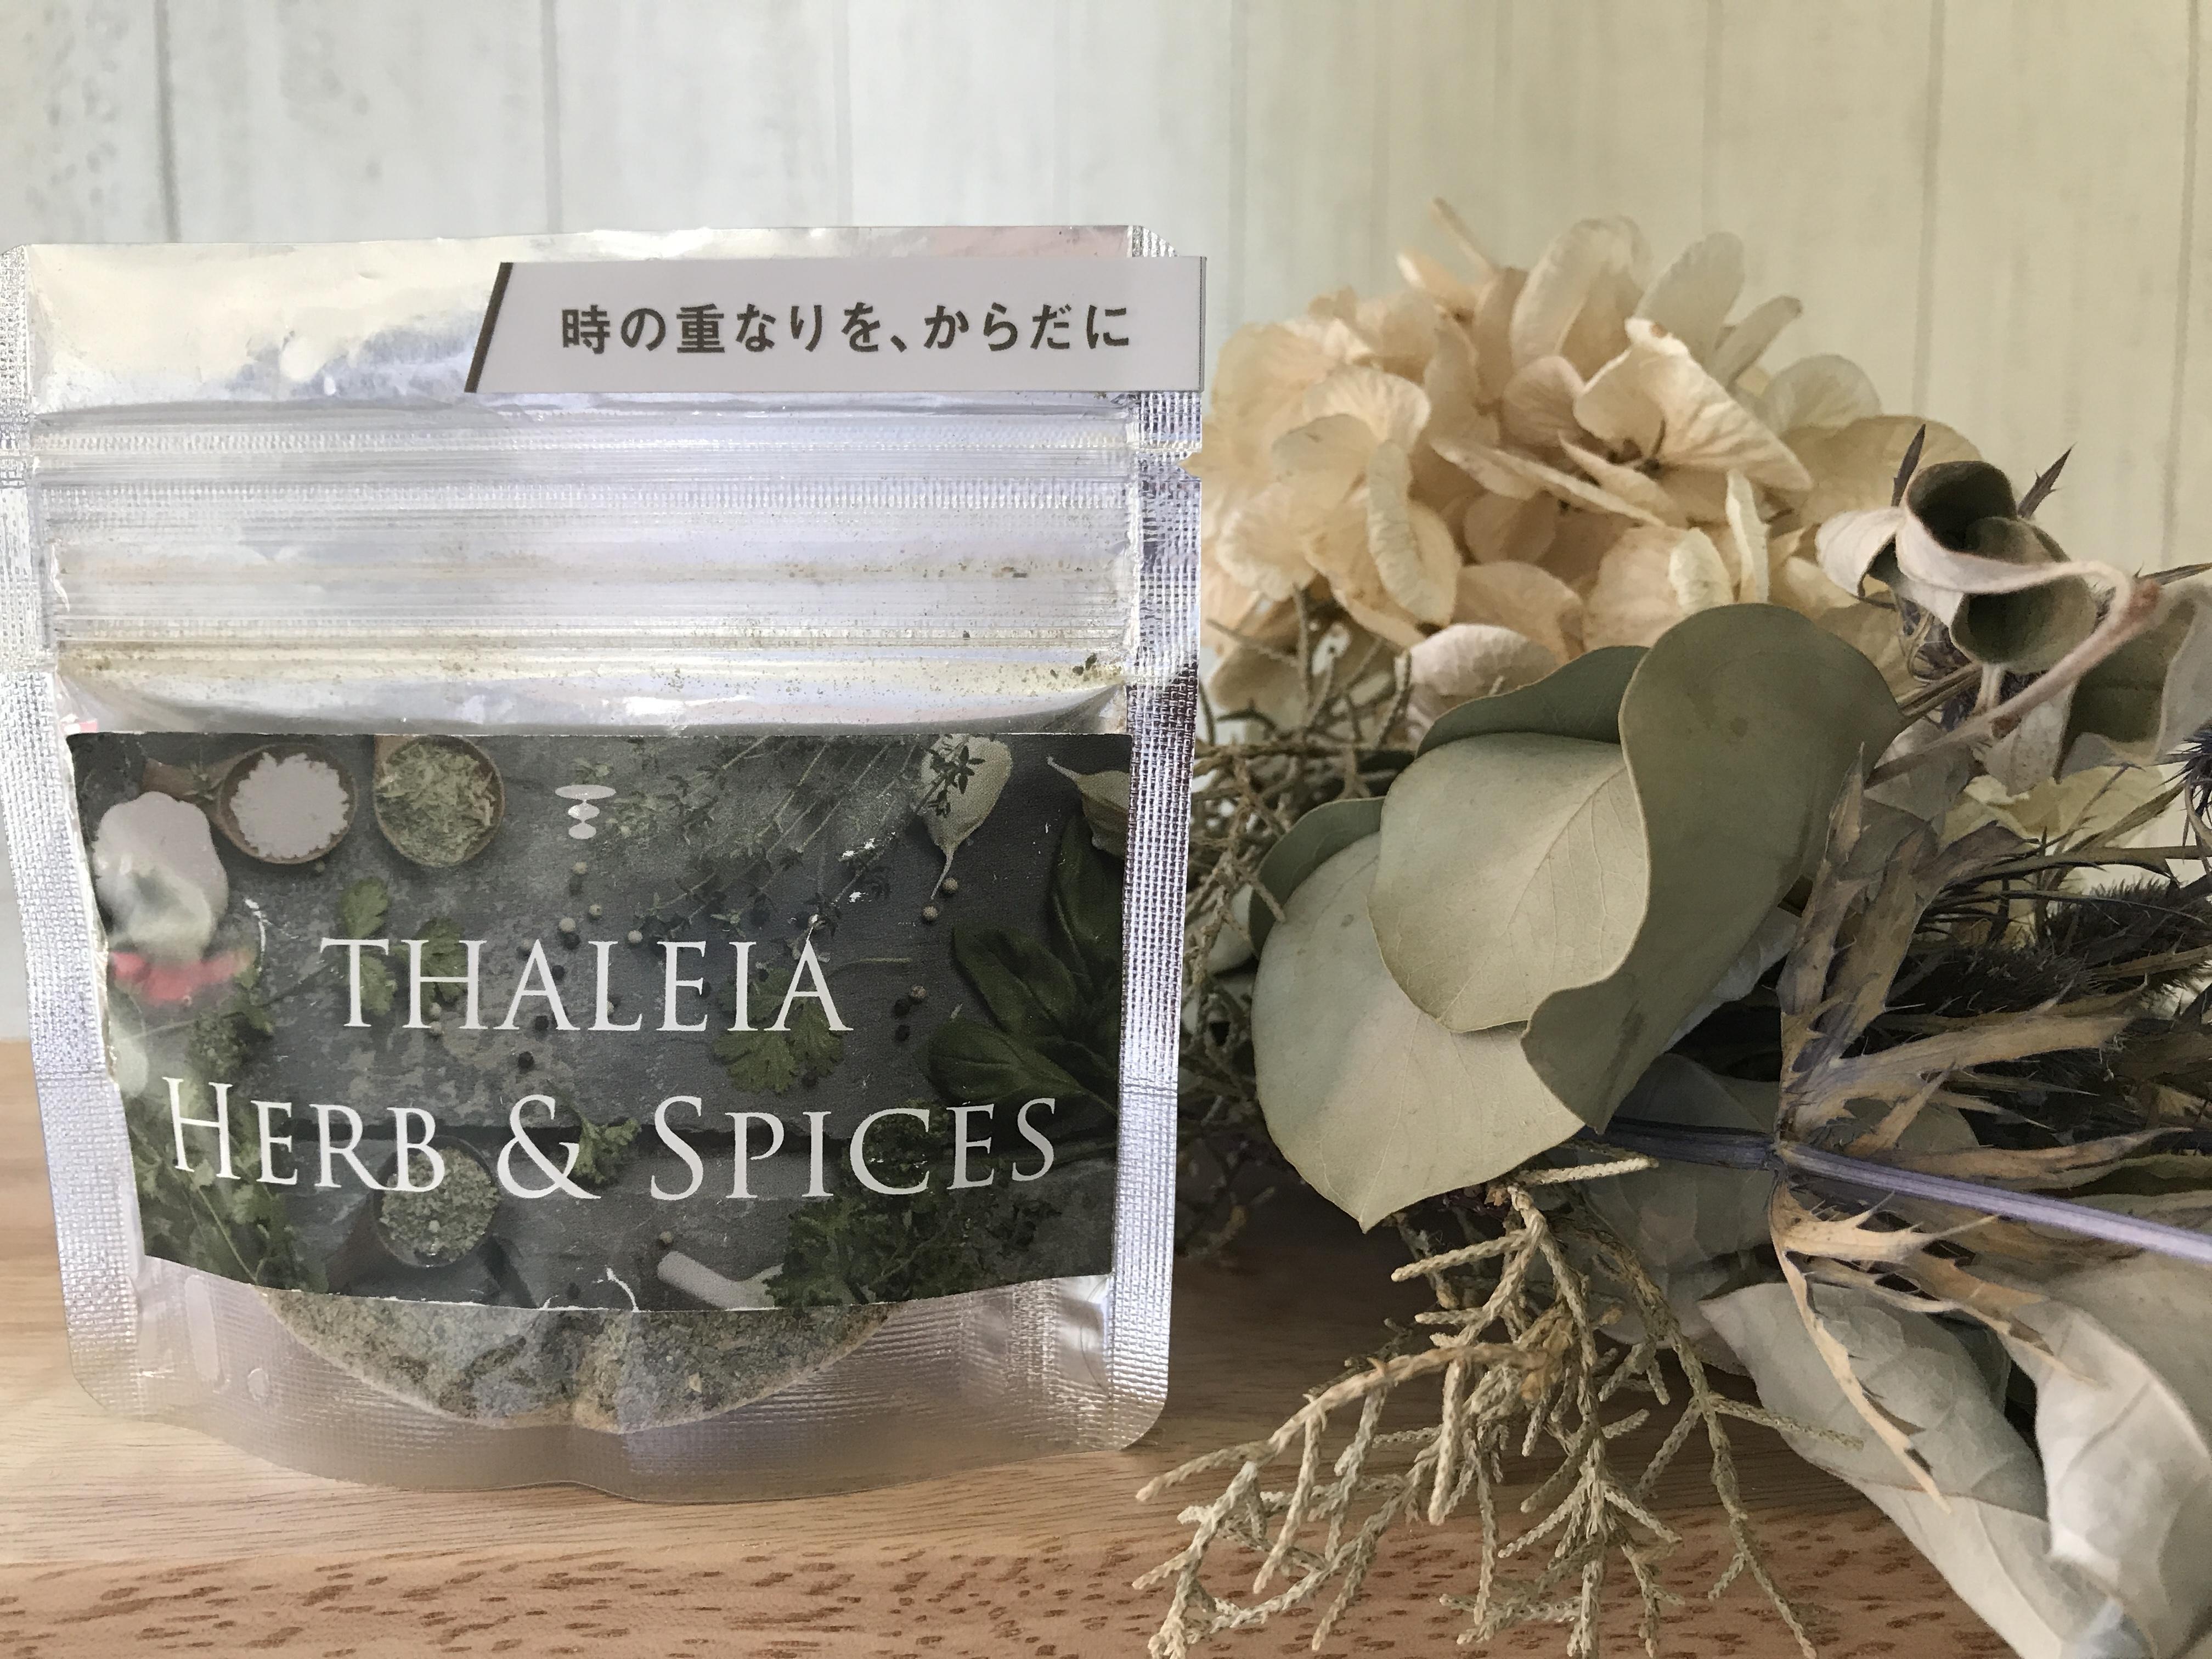 【訳アリ】2袋でこの価格!【送料無料】THALEIA HERB & SPICES タレイア ハーブ&スパイシーズ |化学調味料不使用 アレルゲンフリー|ハーブとスパイスの調味料